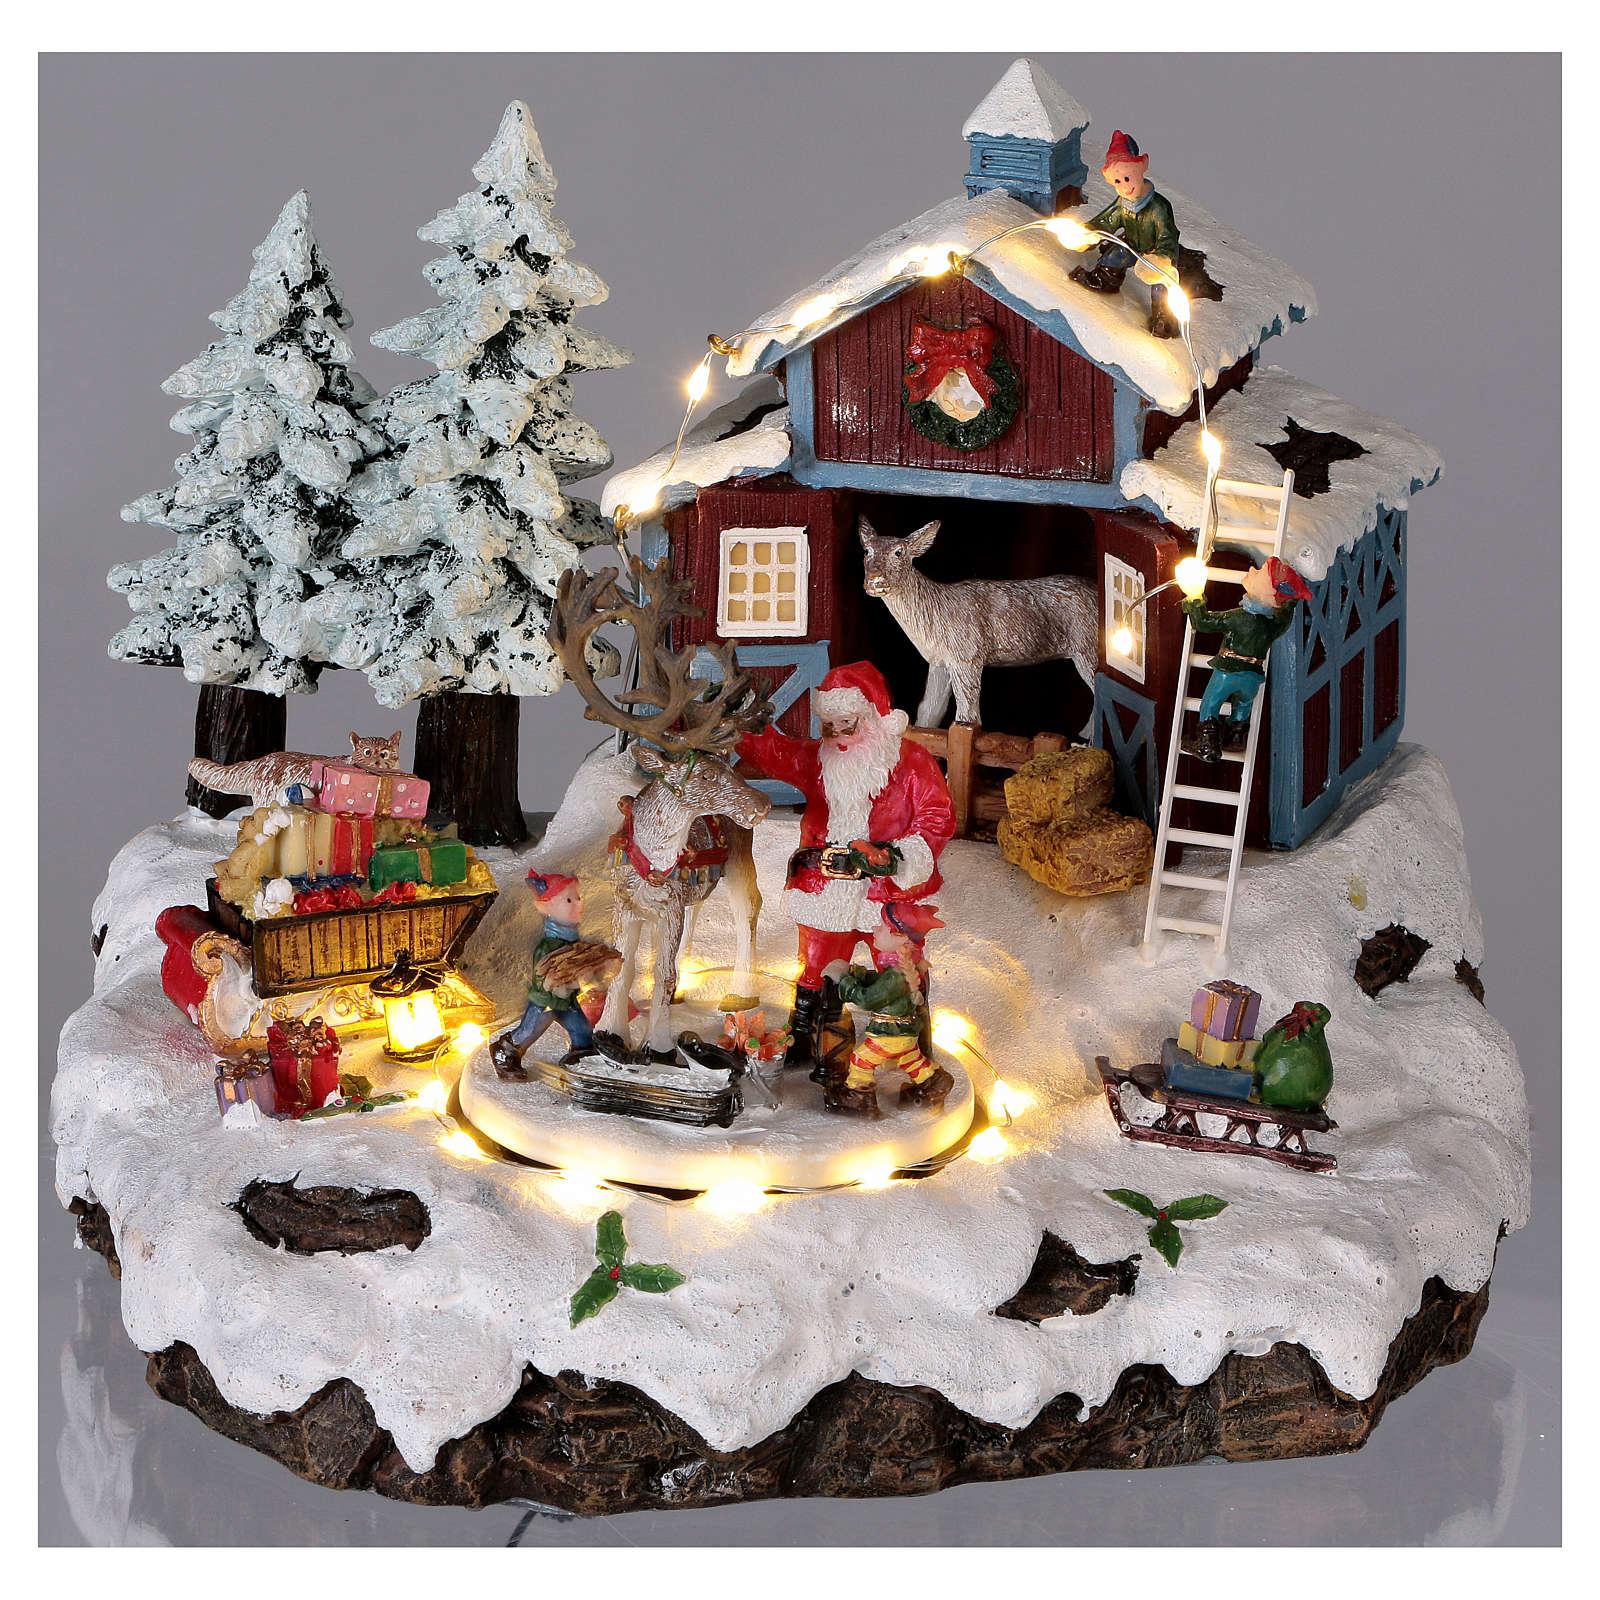 Immagini Natale Movimento.Villaggio Di Natale Babbo Natale Regali 20x25x20 Cm Luci Movimento Musica Corrente